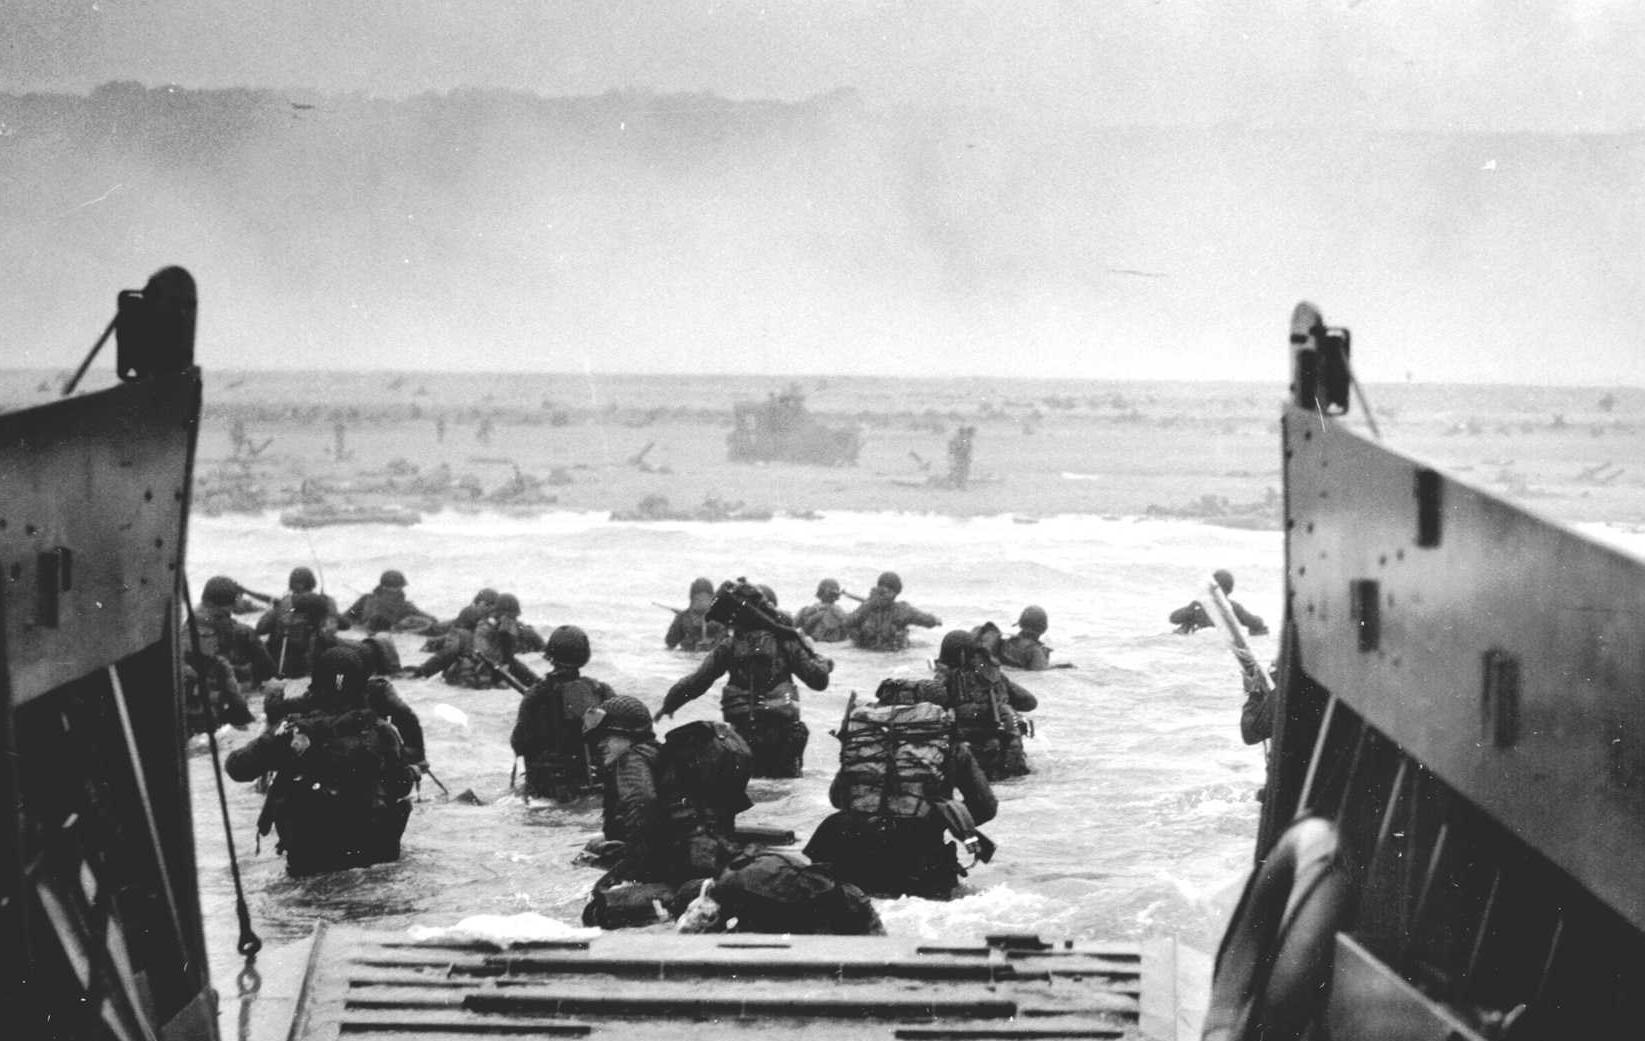 Фото d-day, 1944: invasion of europe сделают представления об игре более насыщенным, чем самые скрупулезные рецензии